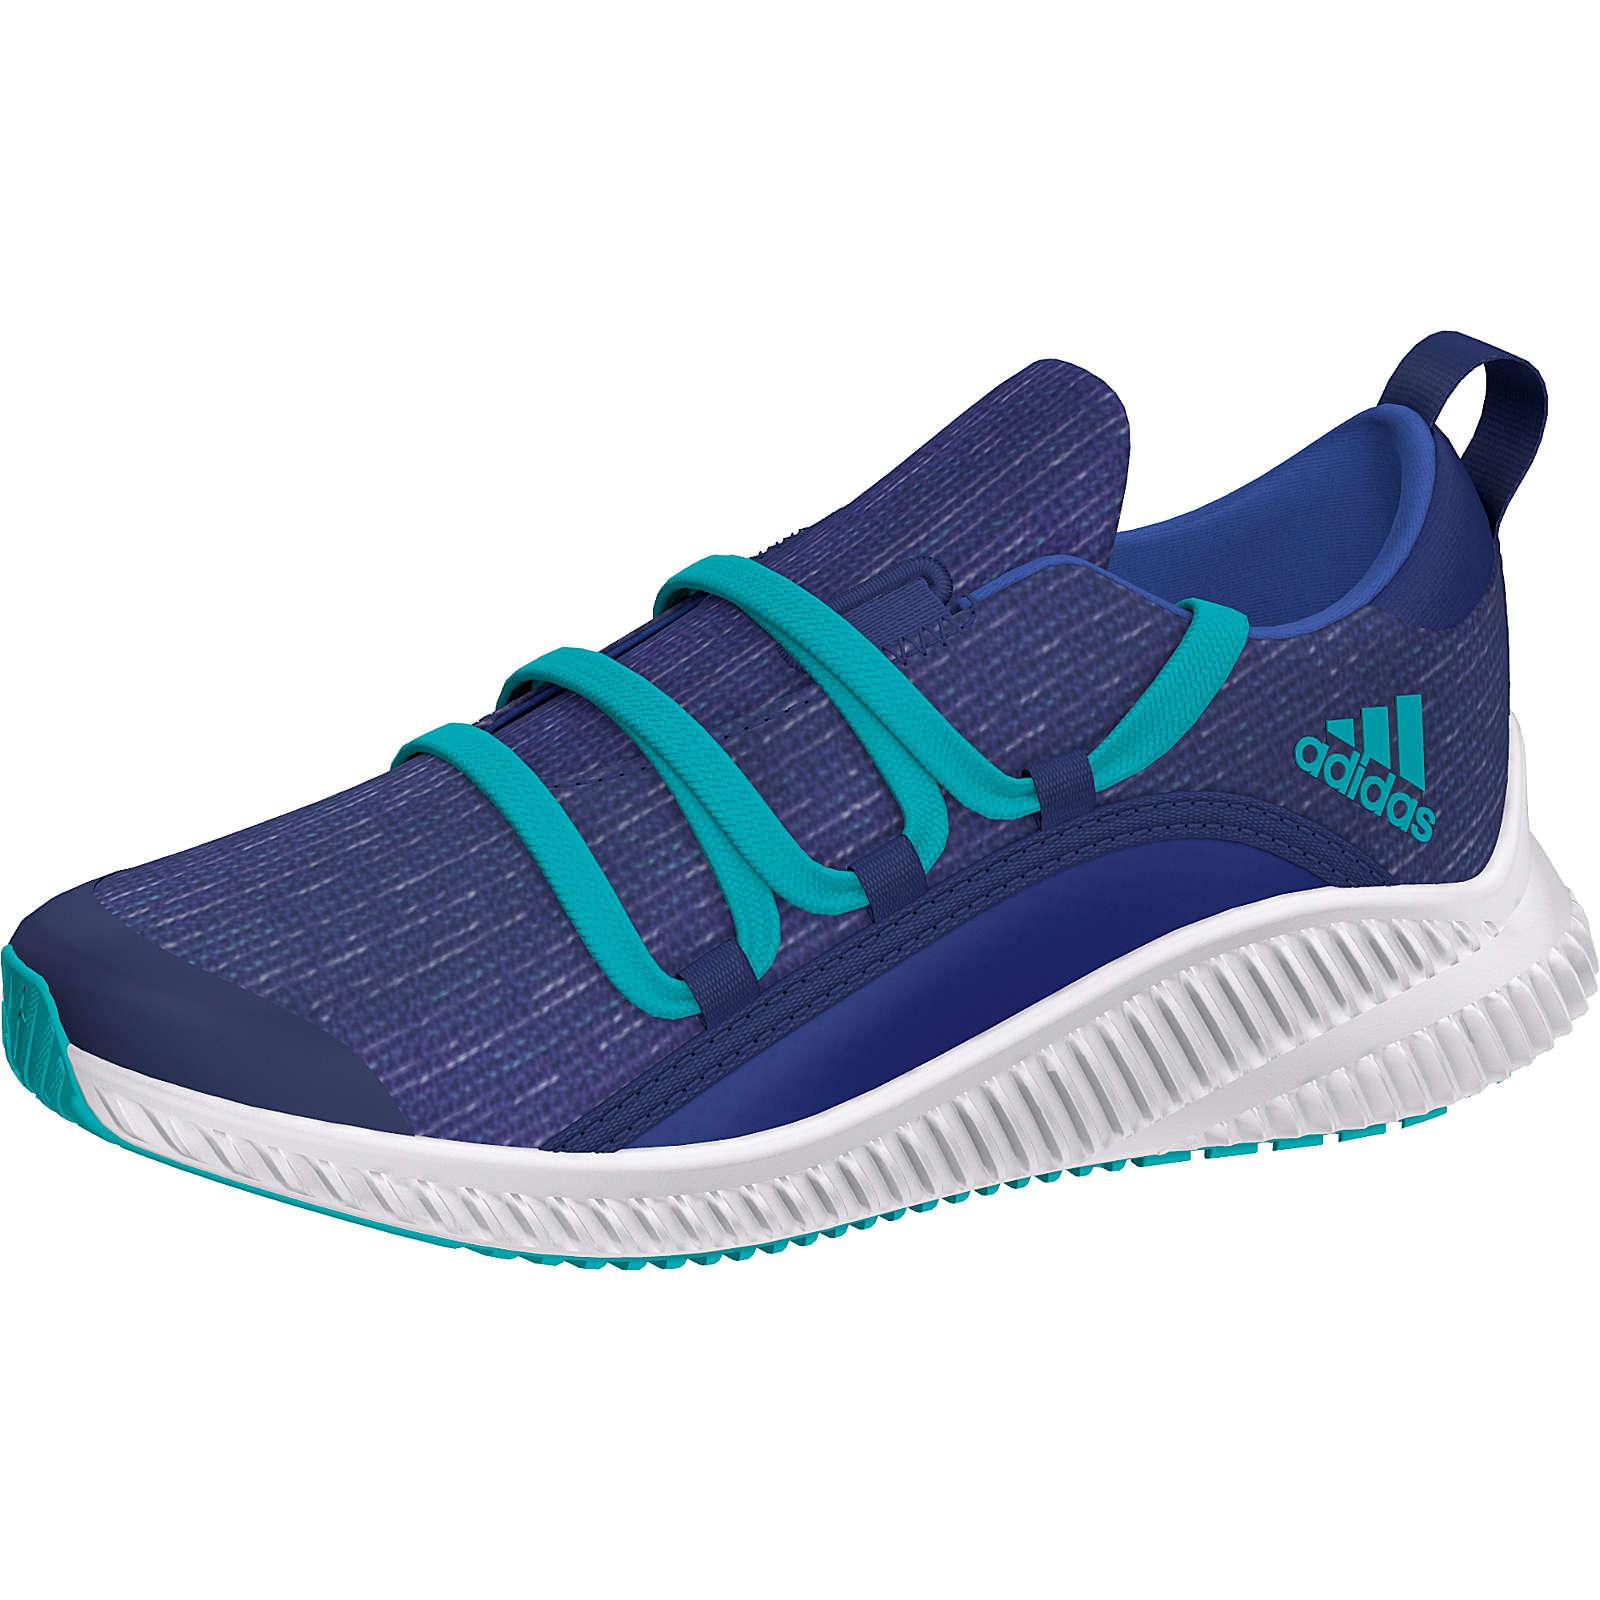 adidas Performance Sportschuhe FortaRun X für Mädchen blau Mädchen Gr. 32